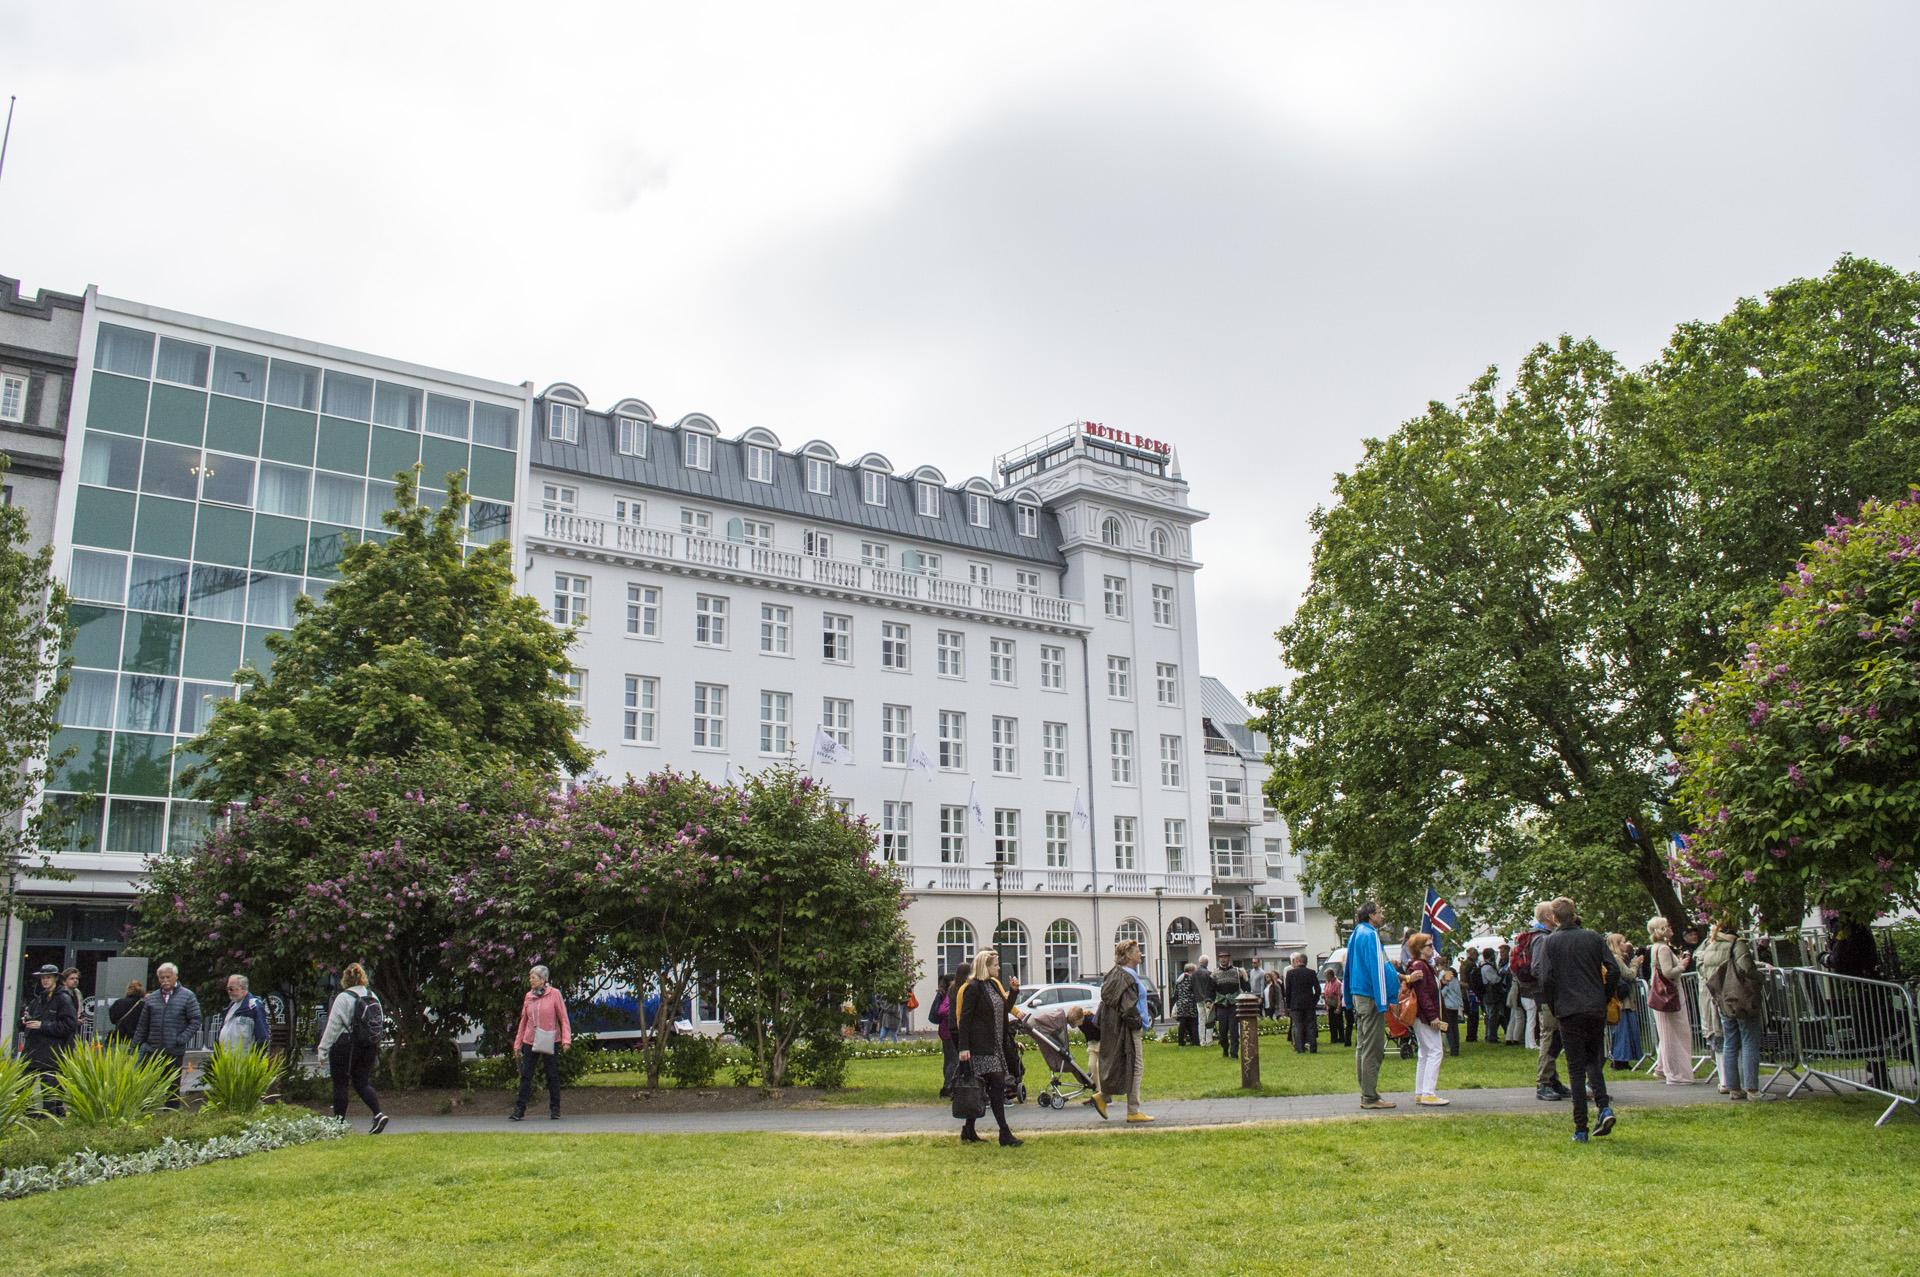 The National Day crowd walks around Austurvöllur, Reykjavík, Iceland.